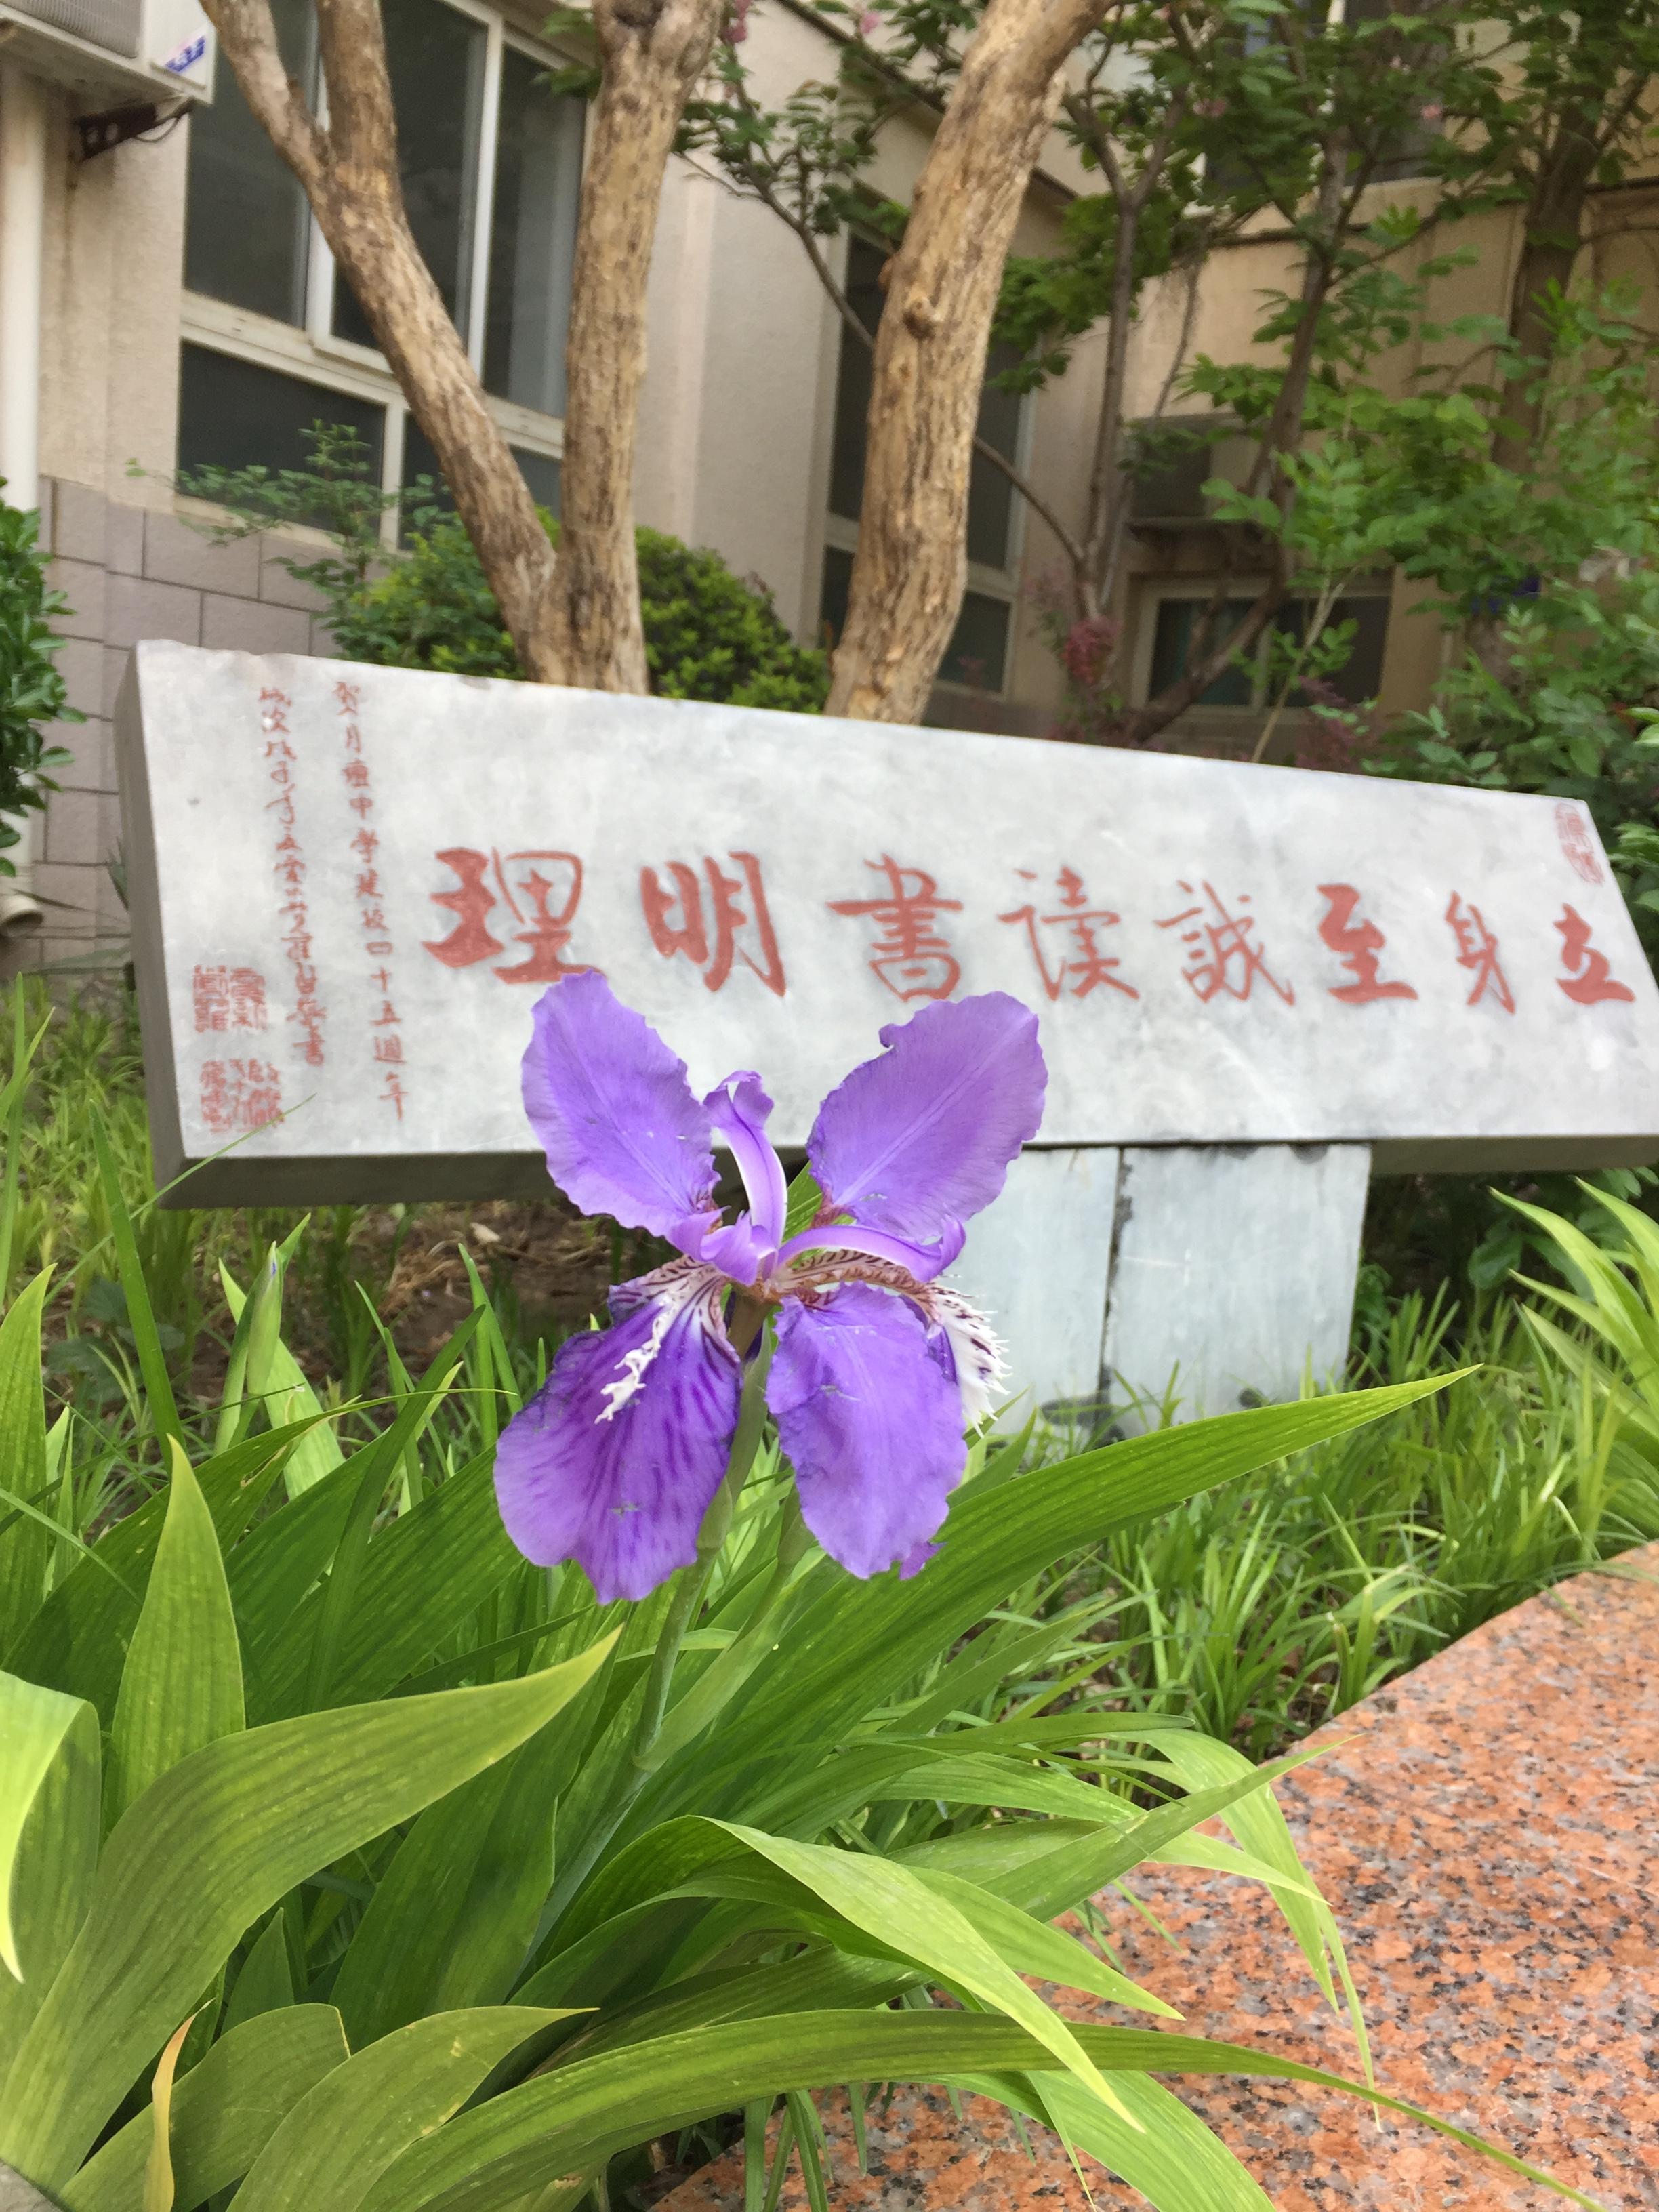 鸢尾花(2015年4月栽种).jpg